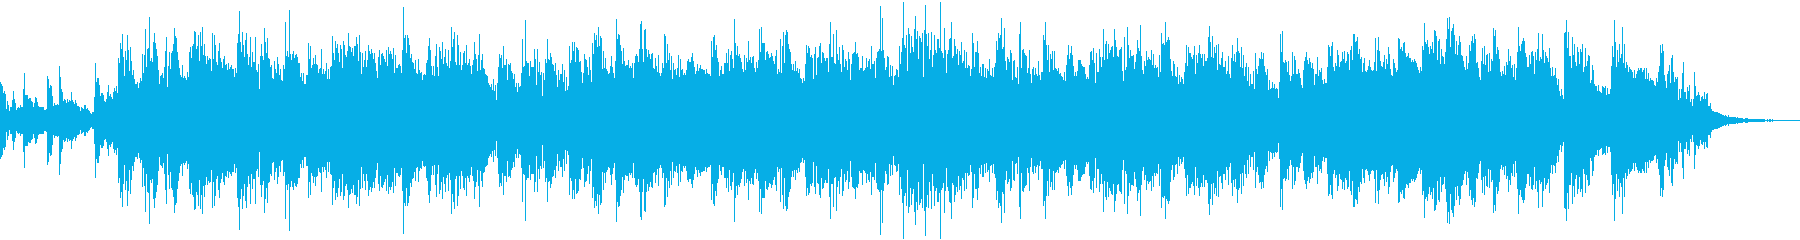 陽気なカントリーフィドルCM軽快疾走感gの再生済みの波形